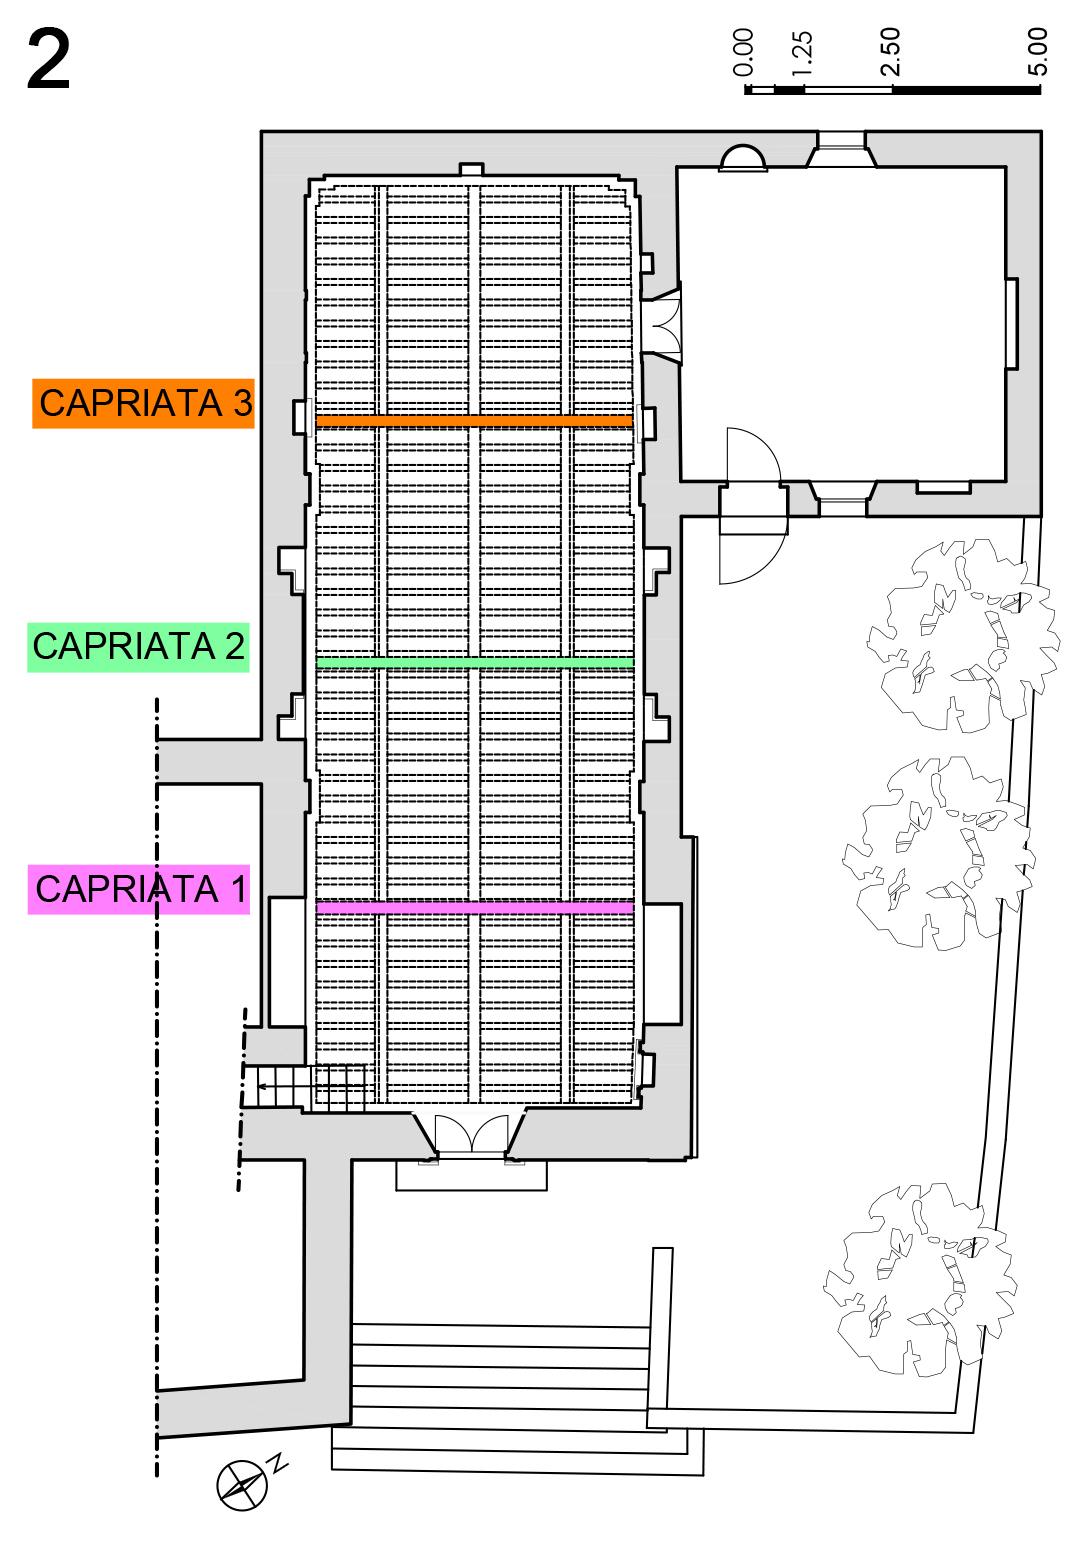 Progetto Capriata In Legno dissesti e difetti costruttivi nelle capriate in legno